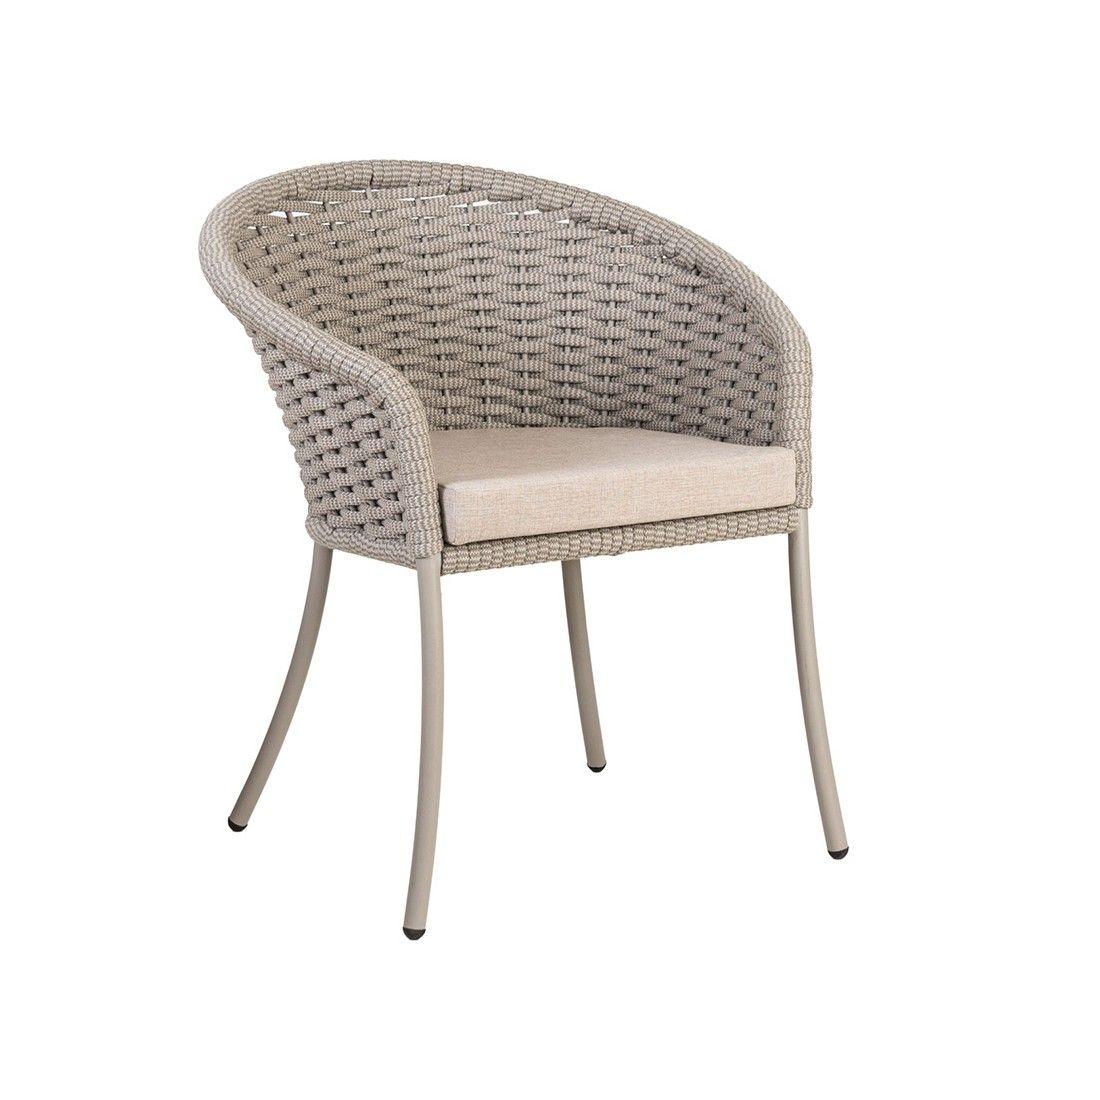 Grand fauteuil de table en alu et cordage tressé beige, Cordial de Alexander Rose